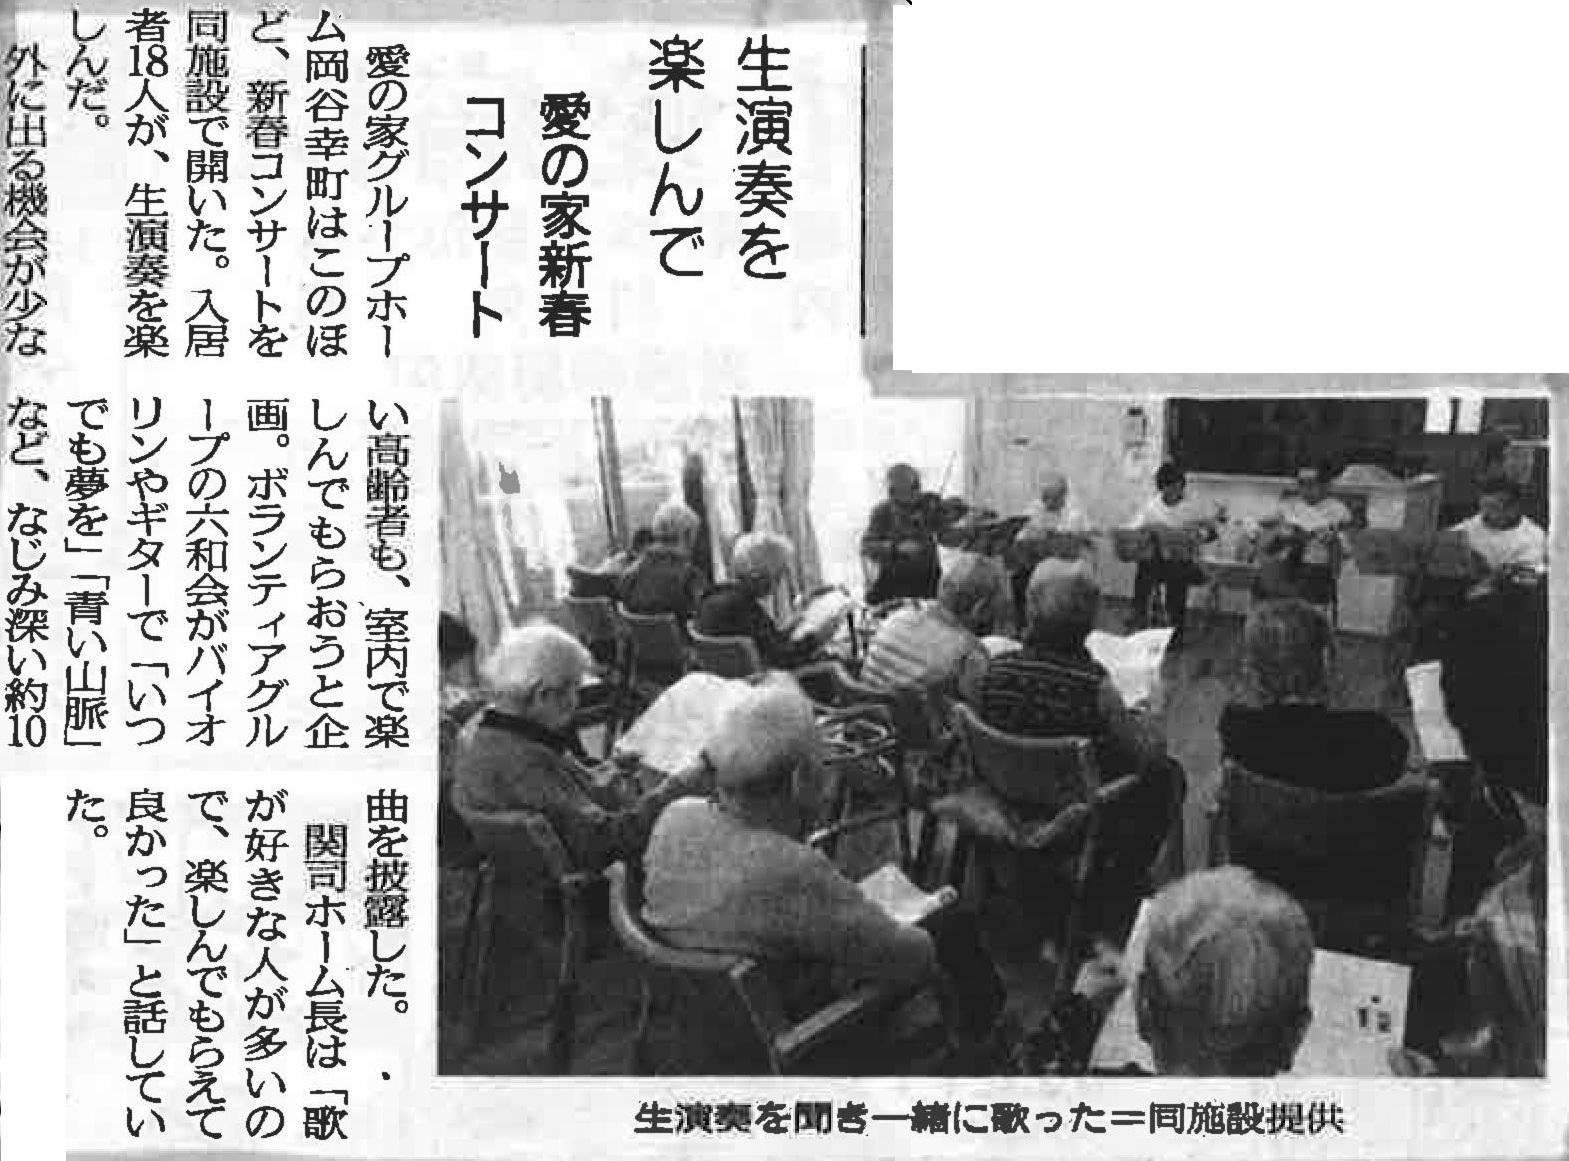 20170125_岡谷市民新聞_GH岡谷幸町